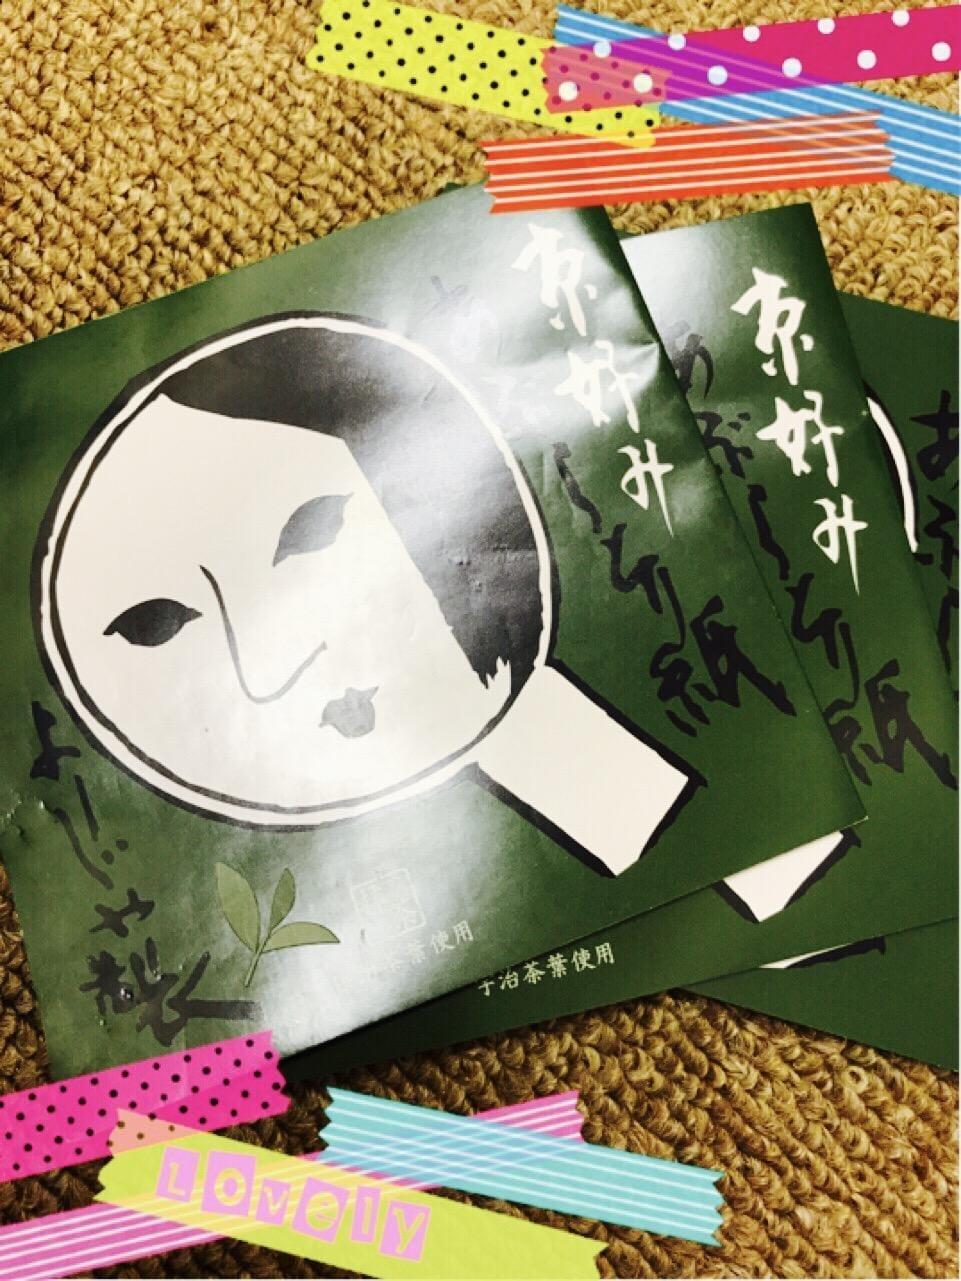 「よーじやといえば( ^ω^ )」08/04(火) 22:00 | 大塚 ゆみこの写メ・風俗動画